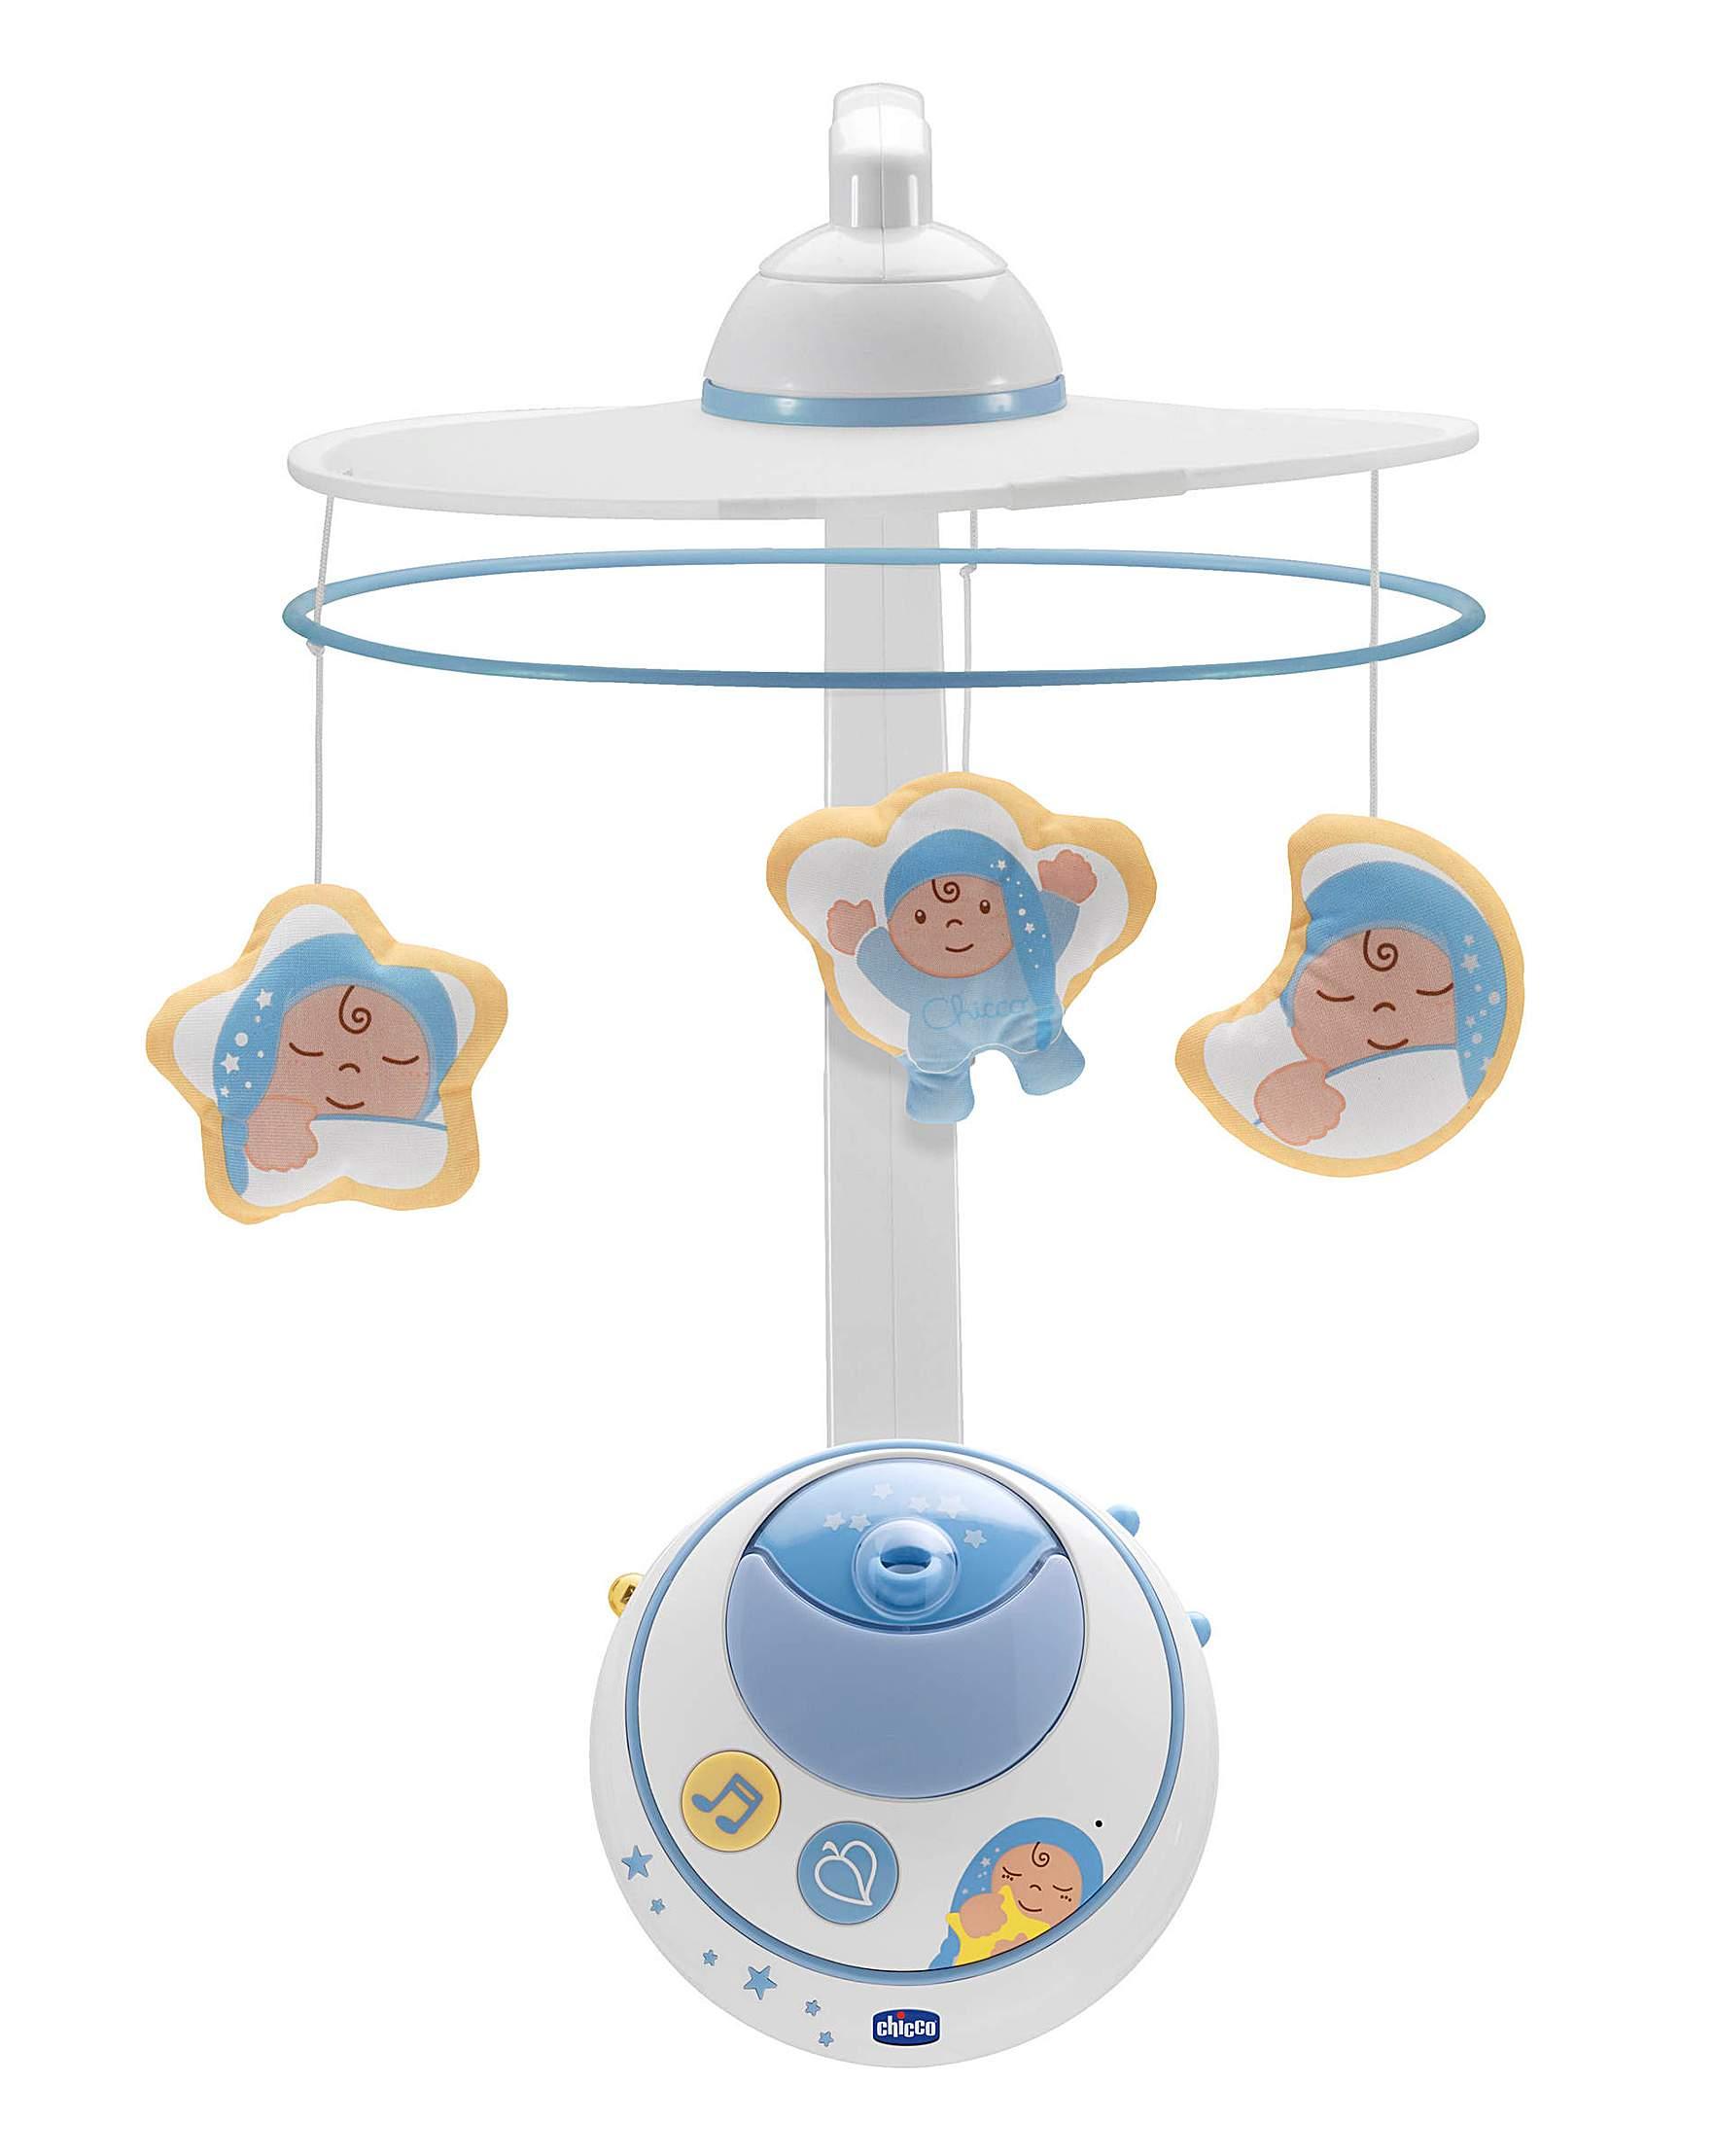 Подвеска мобиль для кроватки - Волшебные звезды, голубая, на дистанционном управленииМобили и музыкальные карусели на кроватку, игрушки для сна<br>Подвеска мобиль для кроватки - Волшебные звезды, голубая, на дистанционном управлении<br>